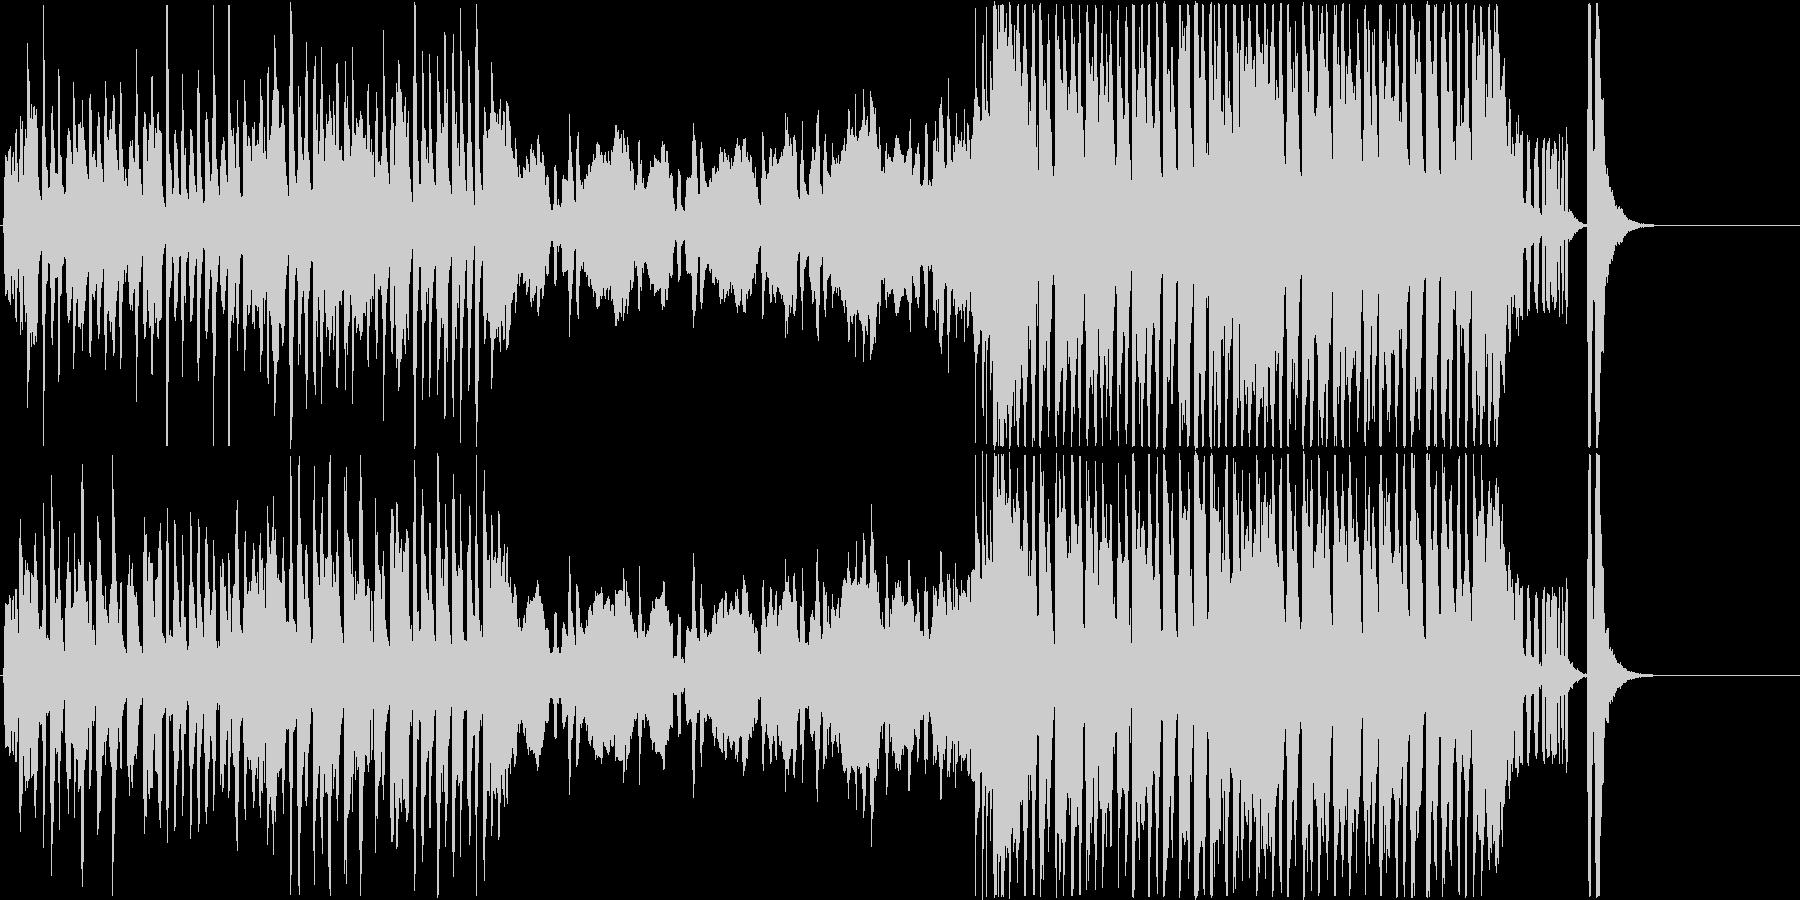 室内楽&ジャズの怪し可愛いハロウィン曲の未再生の波形